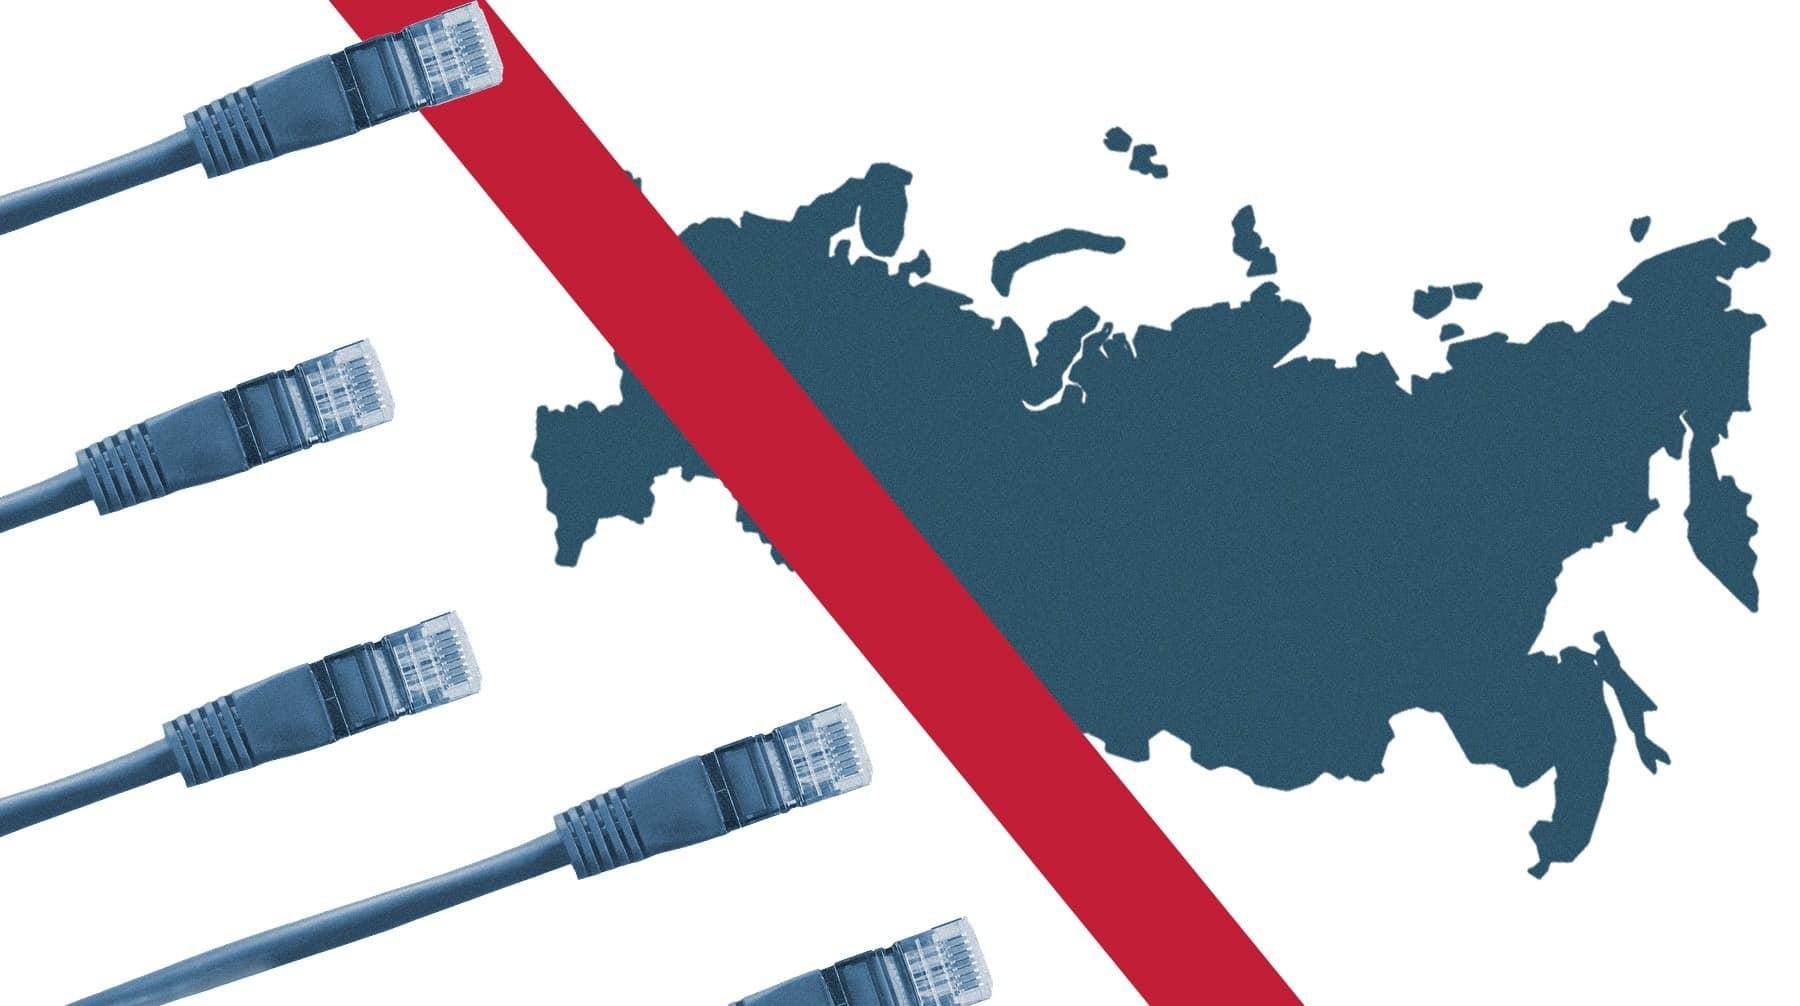 Новые ограничения в Интернете 2019: какие сайты запретят, смысл закона